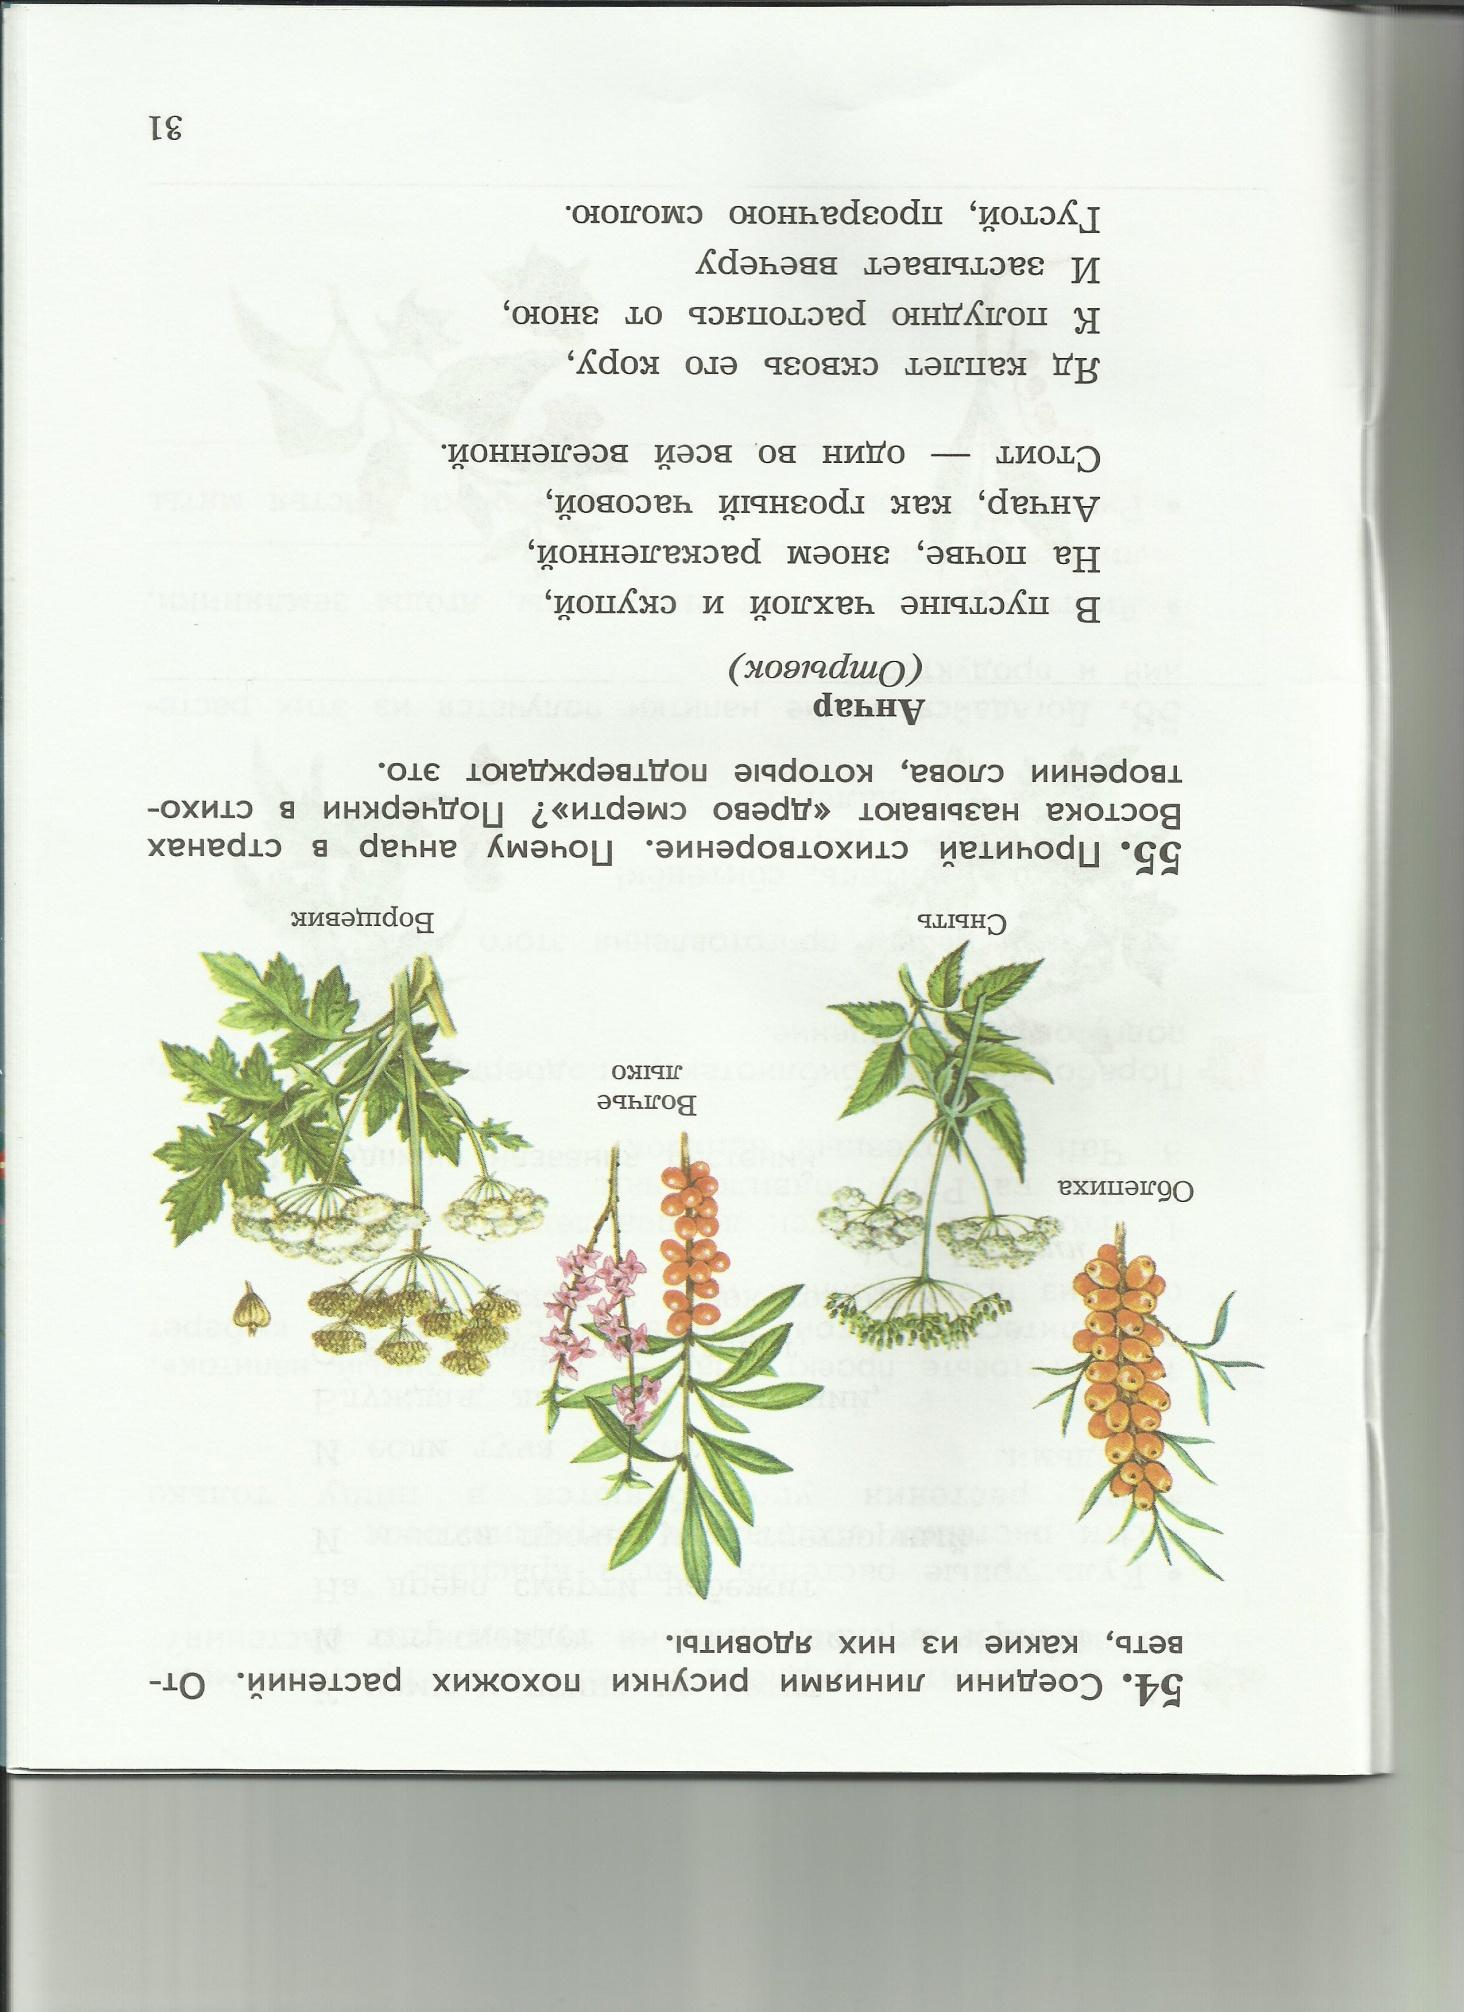 C:\Users\пр\Desktop\папка растения 8\8-1.jpg